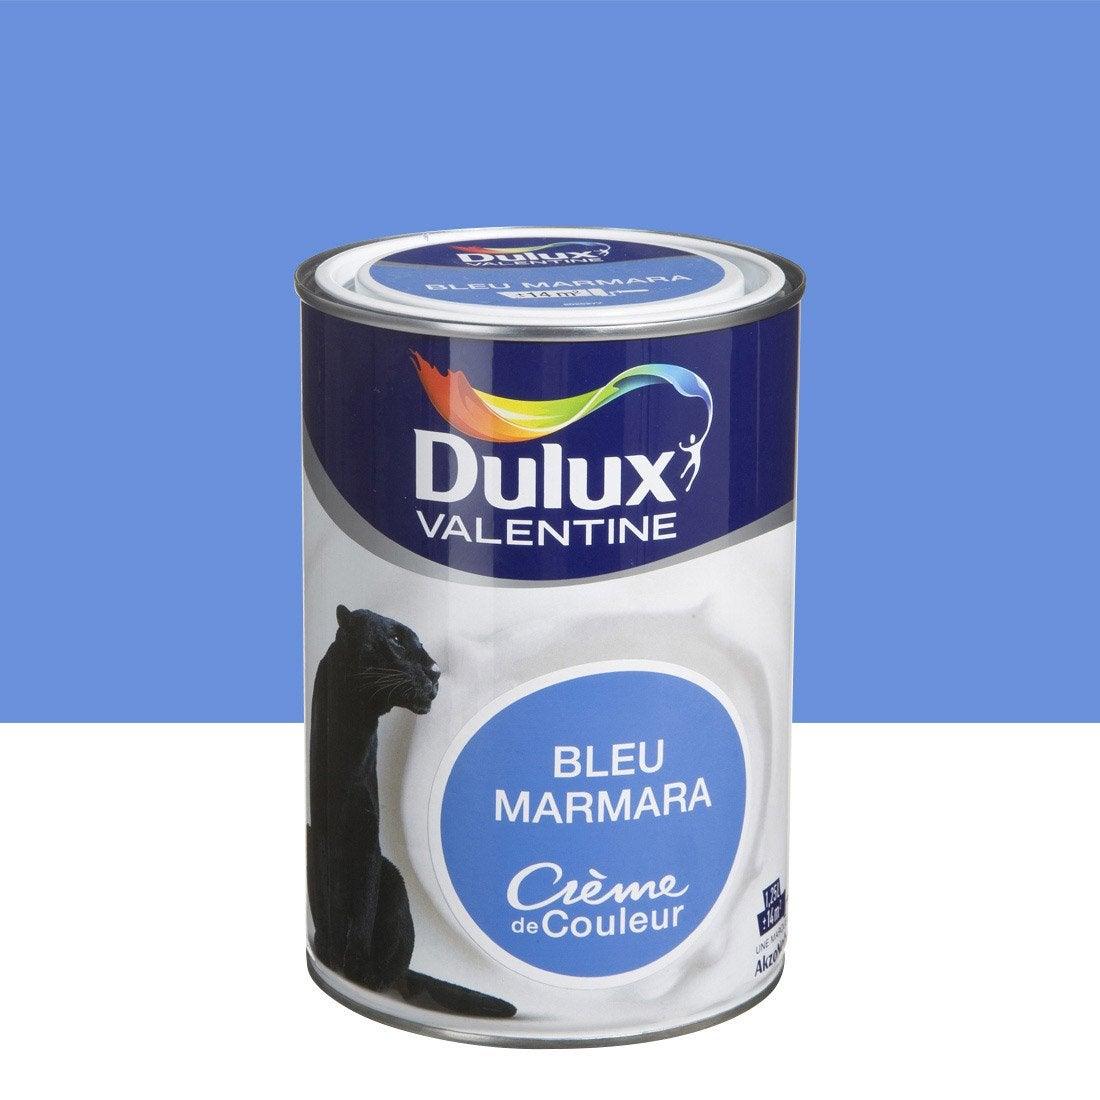 Peinture bleu marmara dulux valentine cr me de couleur 1 - Peinture couleur bleu ...